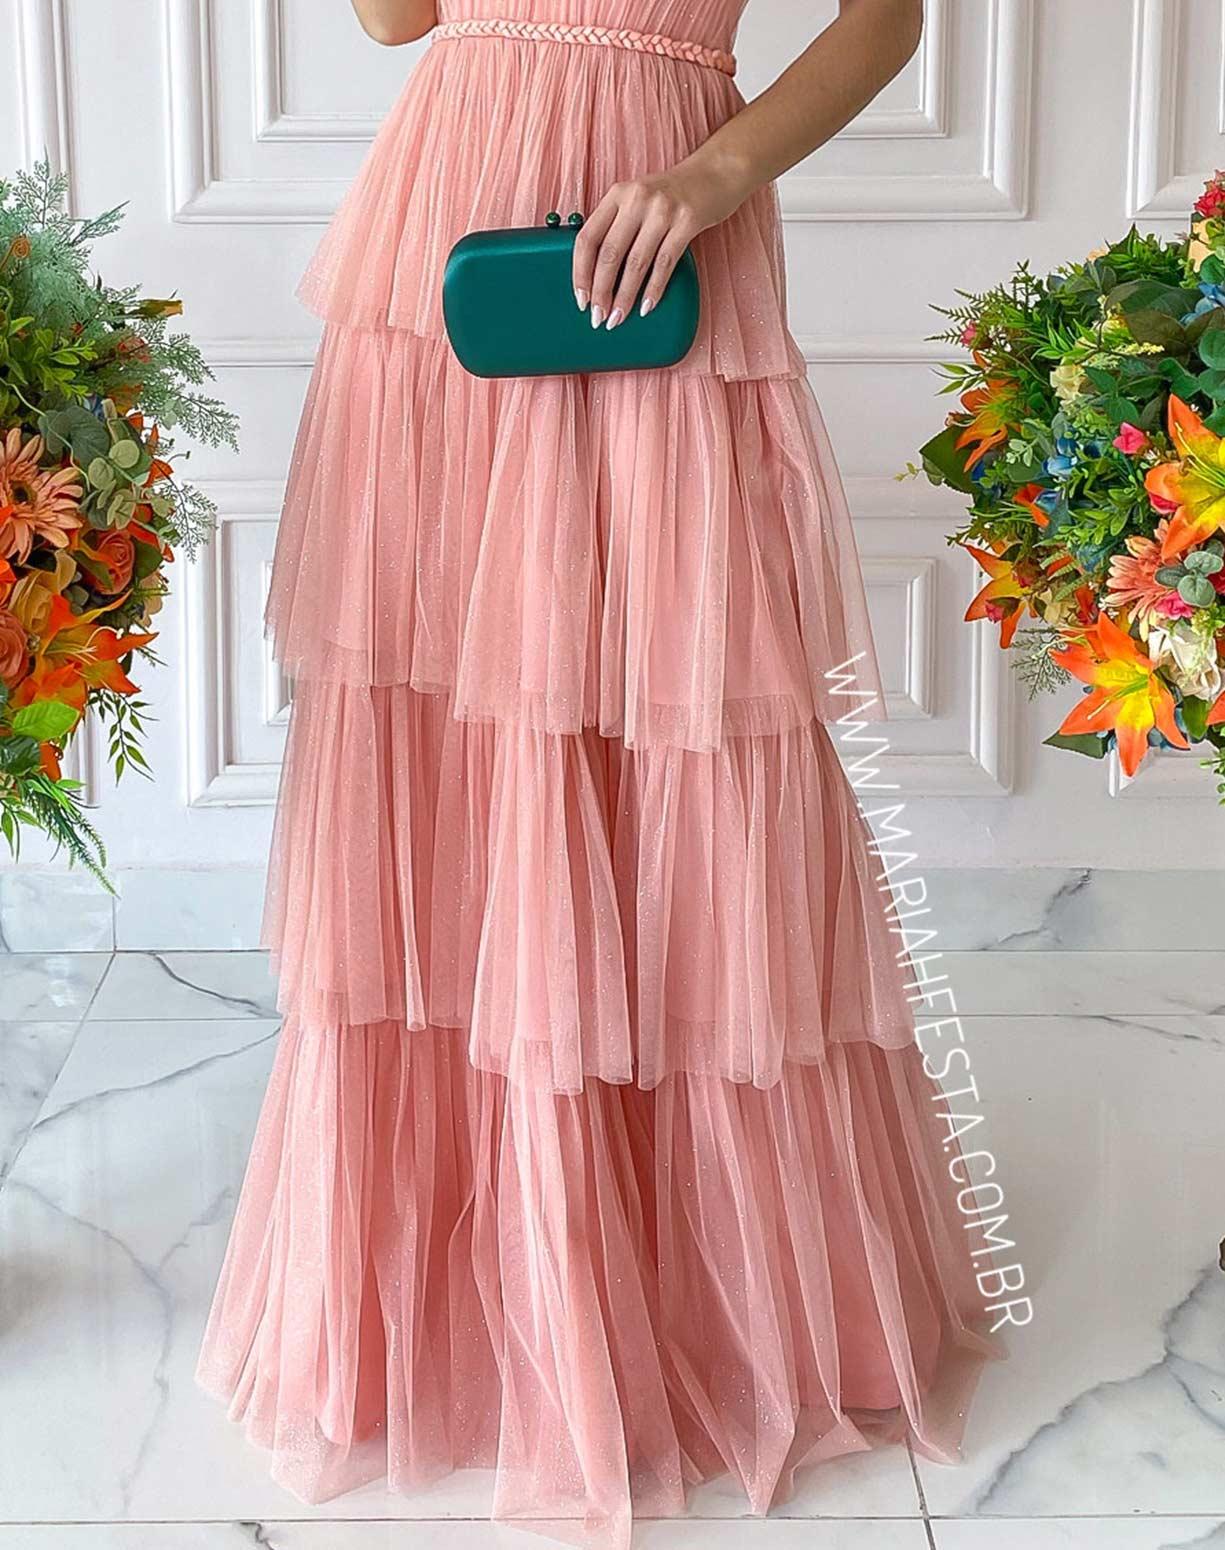 Vestido Frente Única Rosê em Tule Glitter com Detalhes em Macrame Acetinado